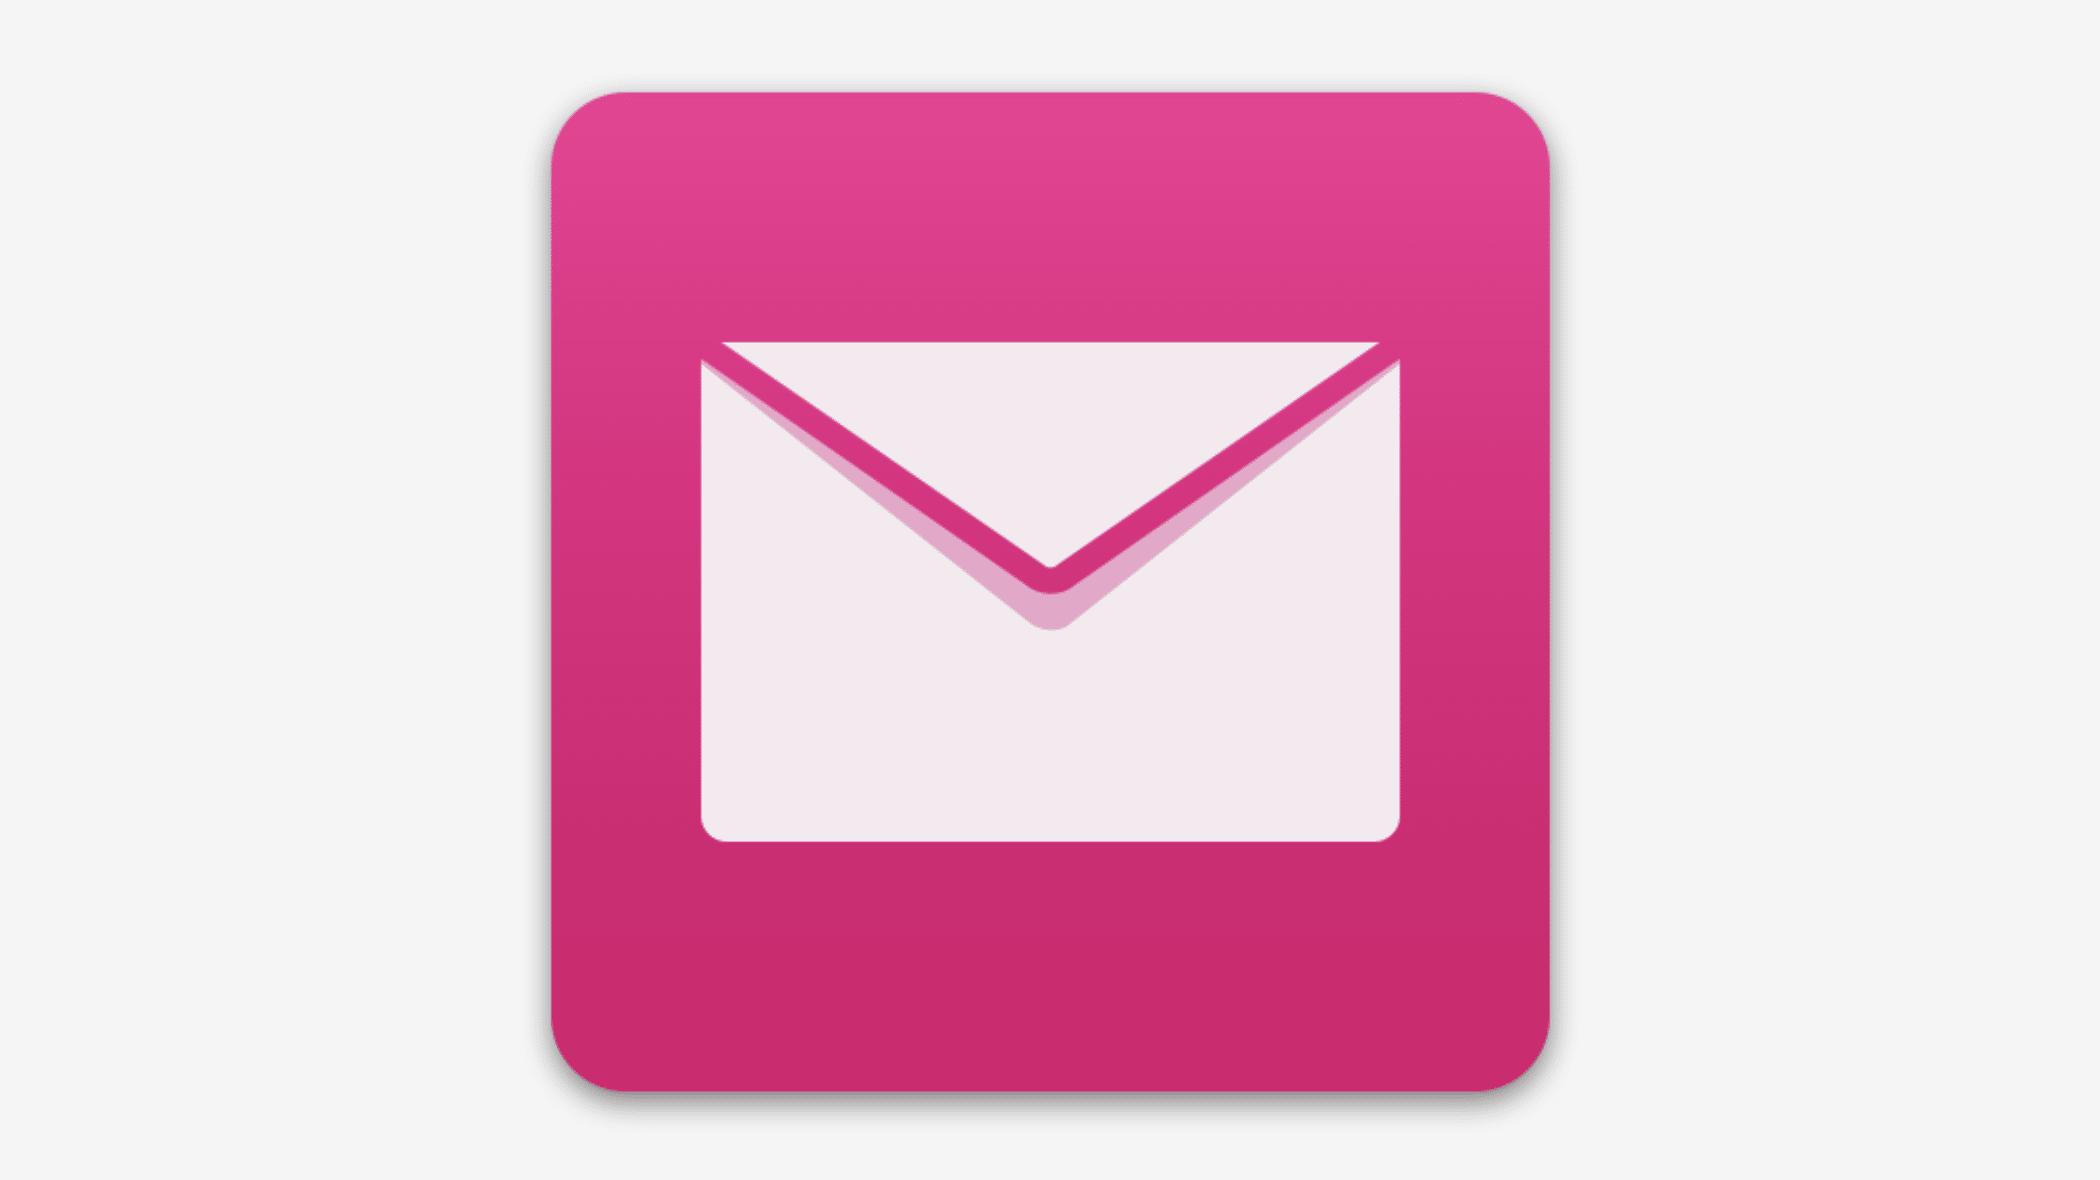 Deutsche telekom email login